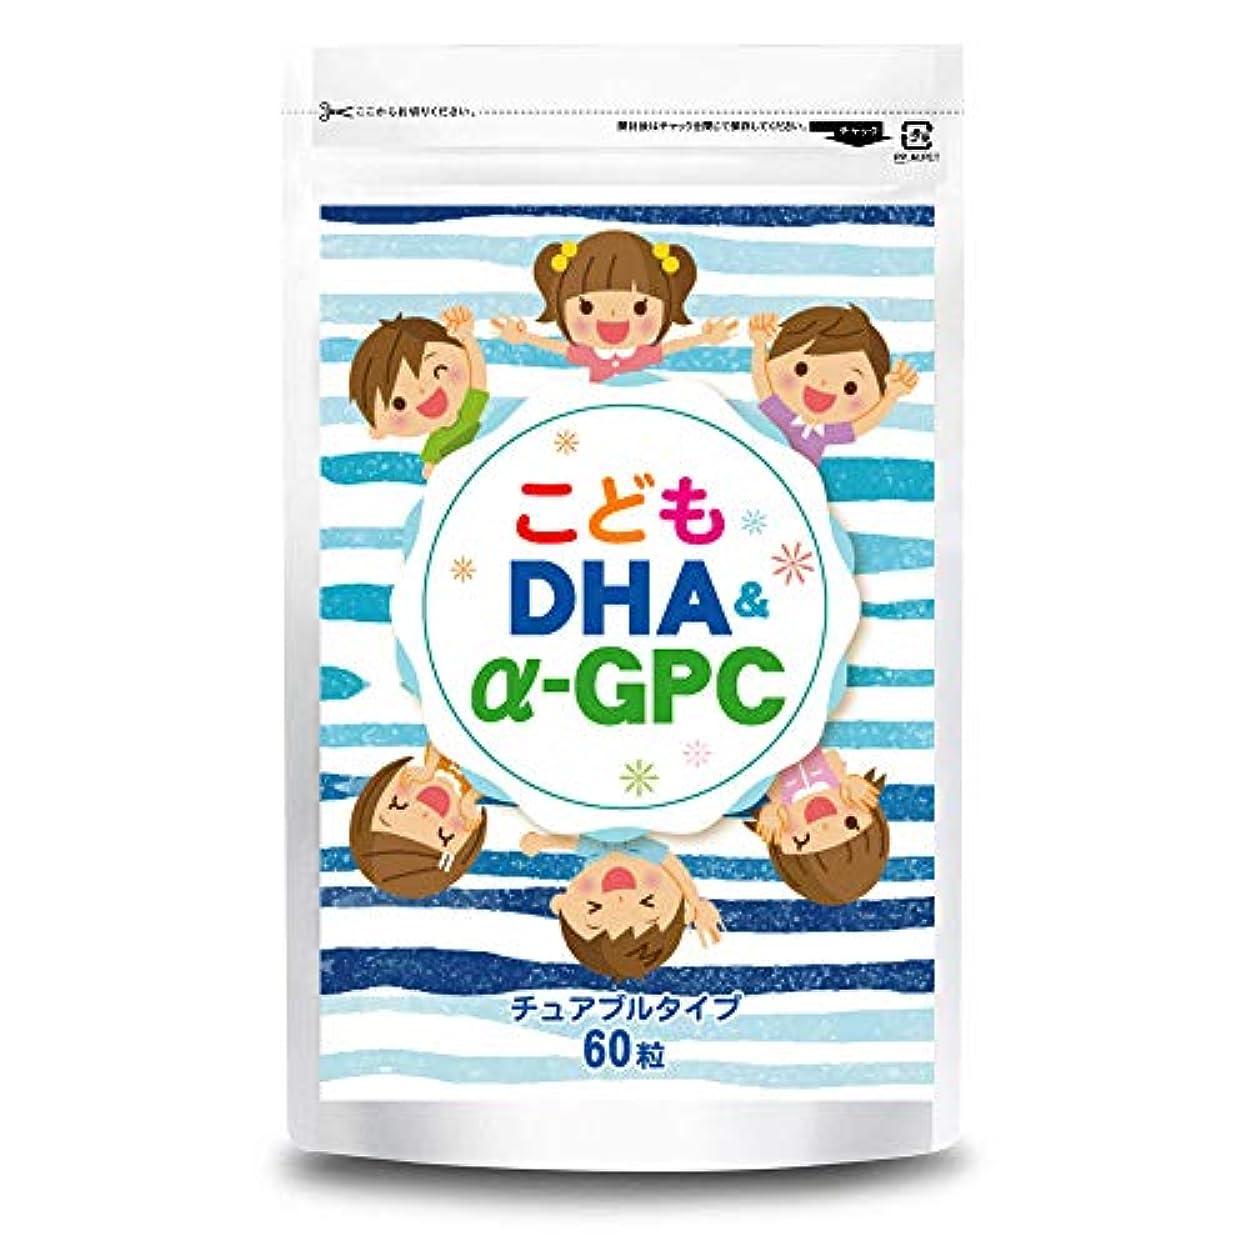 フィットネス話す正確さこども DHA&α-GPC DHA EPA α-GPC ホスファチジルセリン 配合 【集中?学習特化型サプリメント】 60粒約30日分